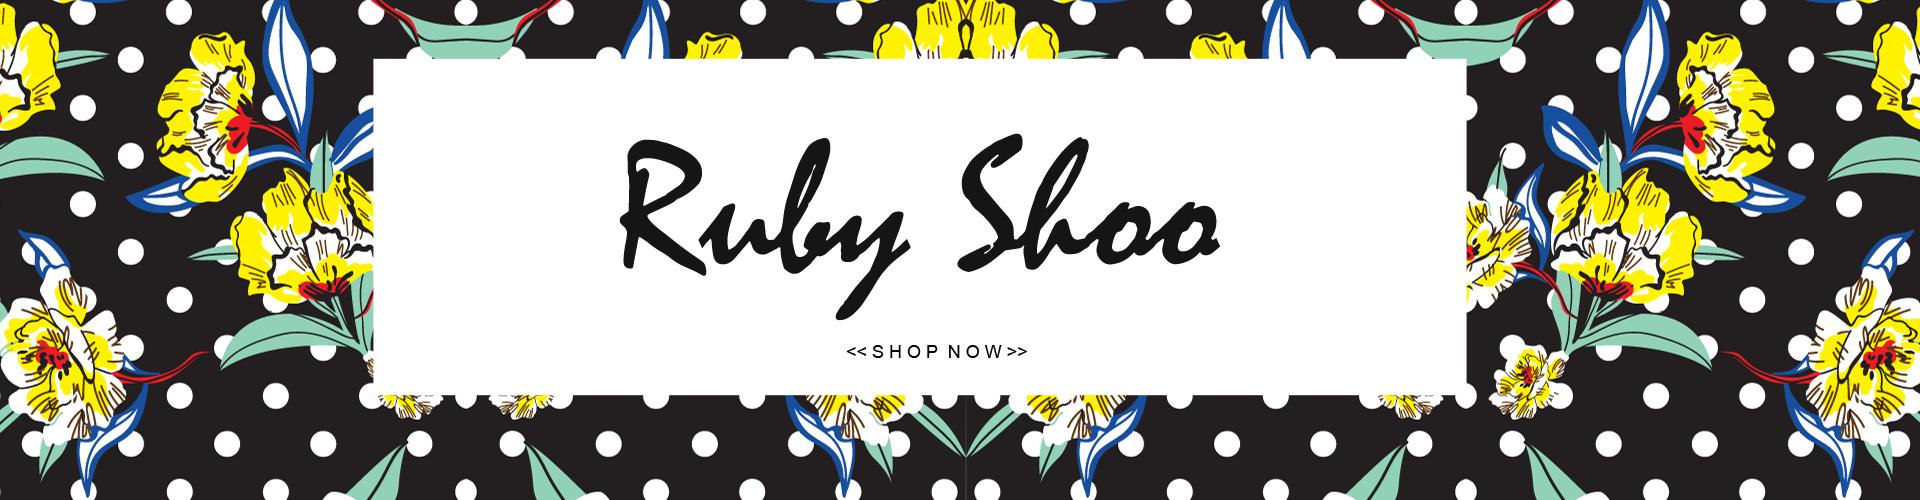 RubyShoo